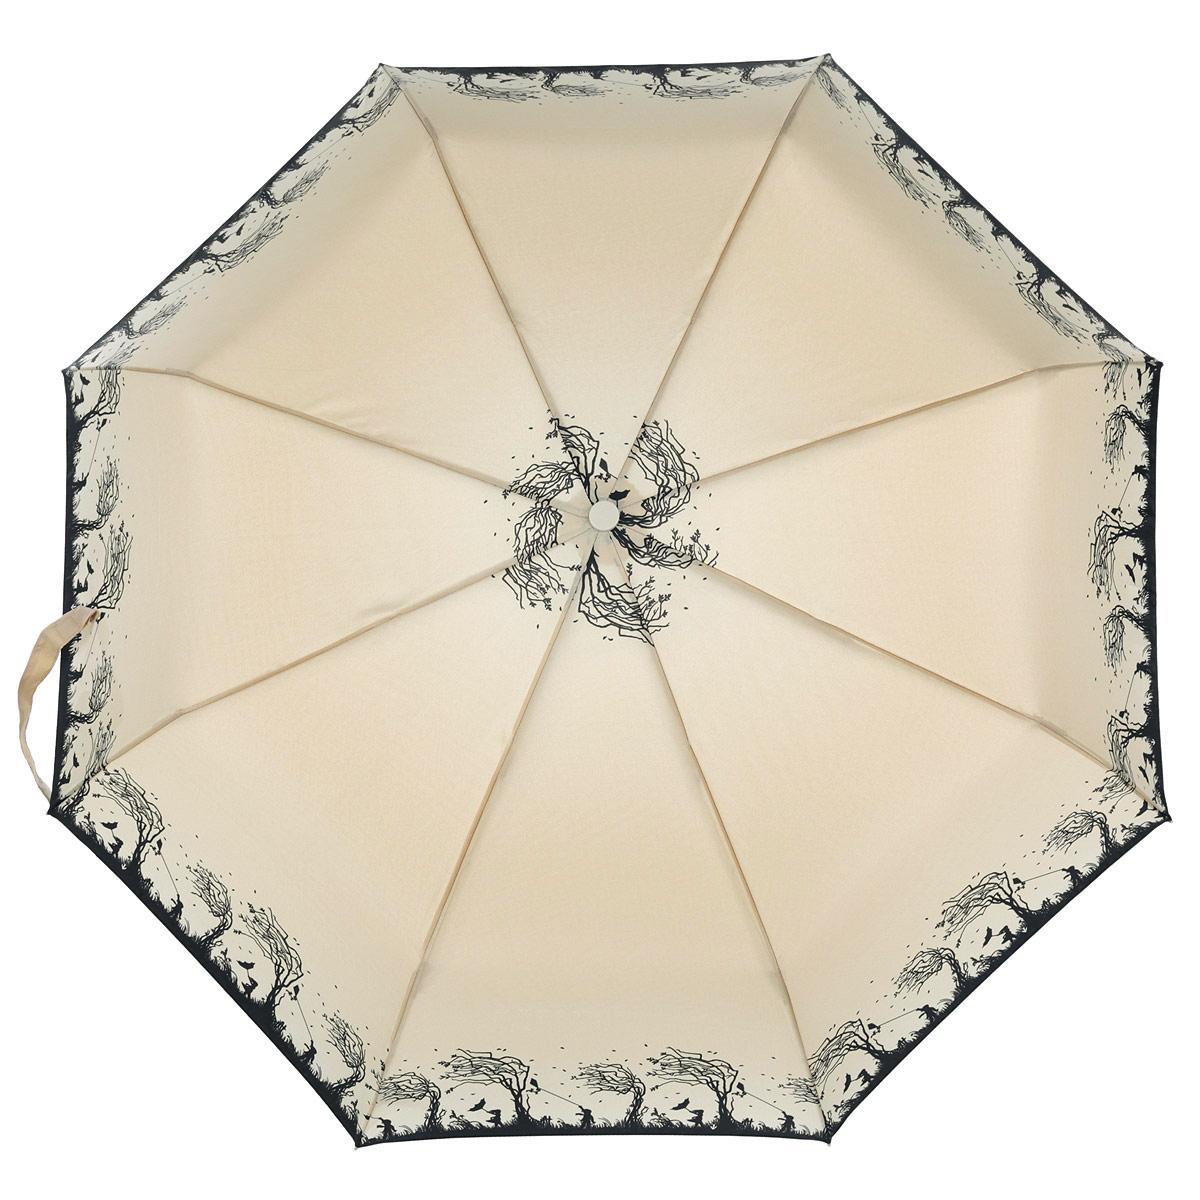 Зонт женский Fulton Windy Silhouette, автомат, 3 сложения, цвет: бежевый, черный. R346-2897R346-2897Очаровательный автоматический зонт Windy Silhouette в 3 сложения изготовлен из высокопрочных материалов. Каркас зонта состоит из 8 спиц и прочного алюминиевого стержня. Купол зонта выполнен из прочного полиэстера с водоотталкивающей пропиткой и оформлен оригинальным узором. Рукоятка, разработанная с учетом требований эргономики, выполнена из пластика. Зонт имеет полный автоматический механизм сложения: купол открывается и закрывается нажатием кнопки на рукоятке, стержень складывается вручную до характерного щелчка. Благодаря этому открыть и закрыть зонт можно одной рукой, что чрезвычайно удобно при входе в транспорт или помещение. Небольшой шнурок, расположенный на рукоятке, позволяет надеть изделие на руку при необходимости. Модель закрывается при помощи хлястика на застежку-липучку. К зонту прилагается чехол. Прелестный зонт не только выручит вас в ненастную погоду, но и станет стильным аксессуаром, который прекрасно дополнит ваш модный образ.